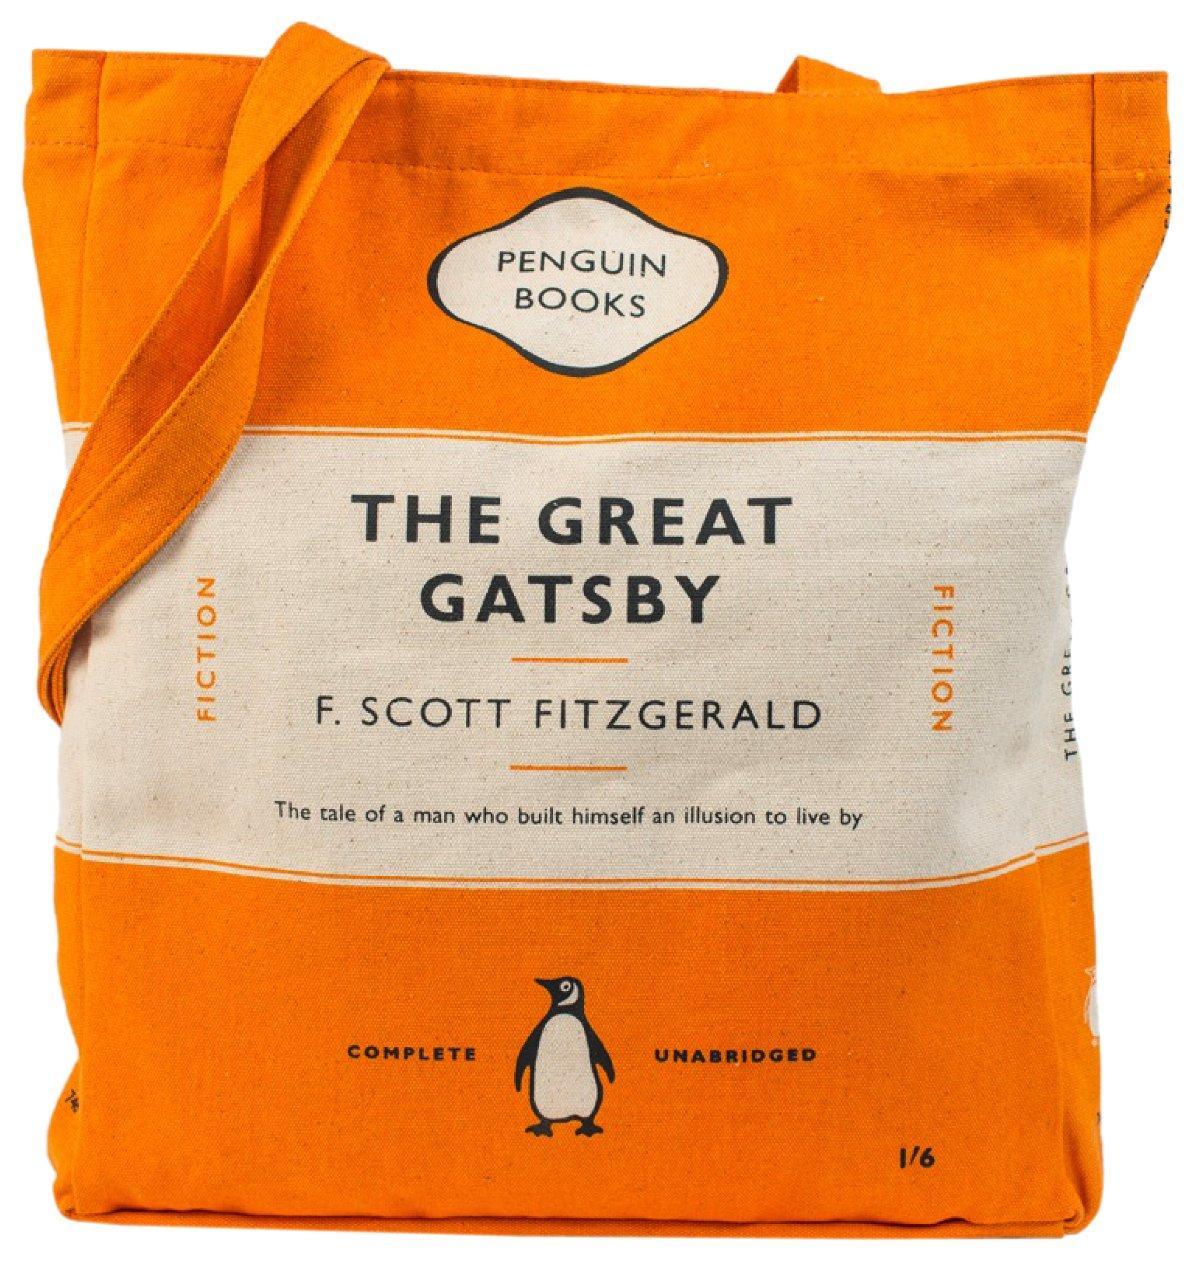 Bolsa de Penguin para libros